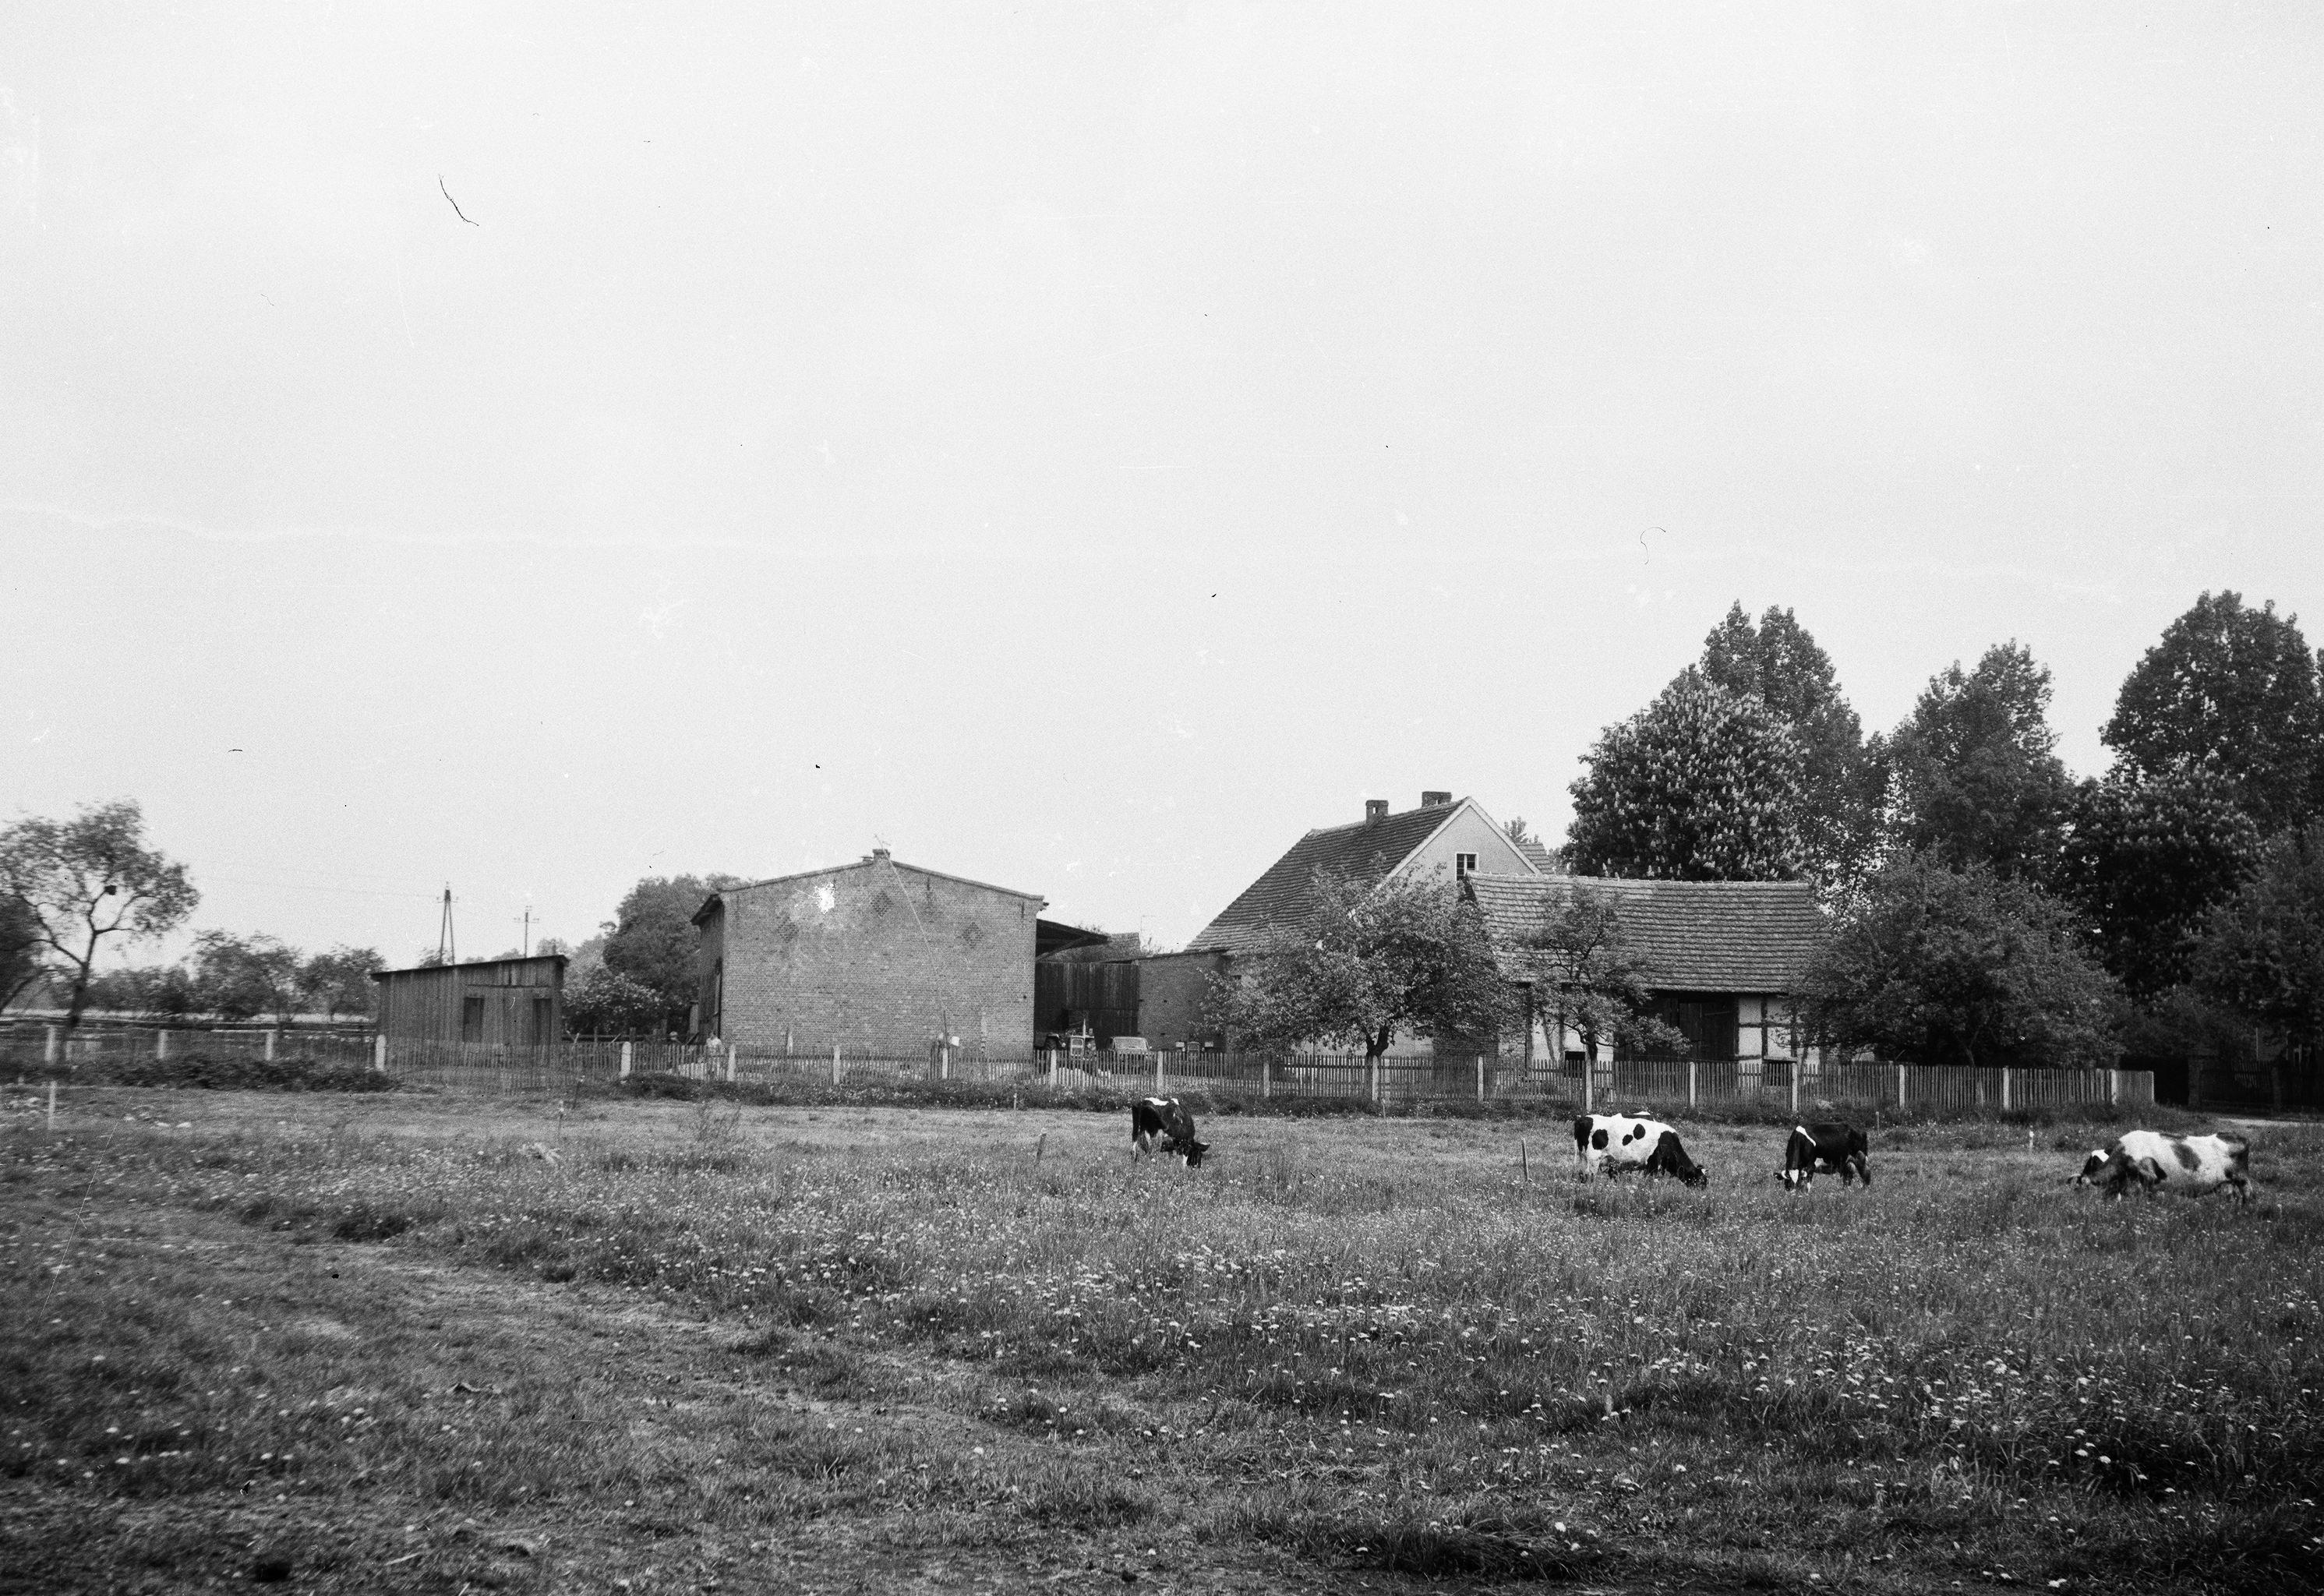 Krowy na łące, Brzózka, Dolny Śląsk, lata 80. XX w.